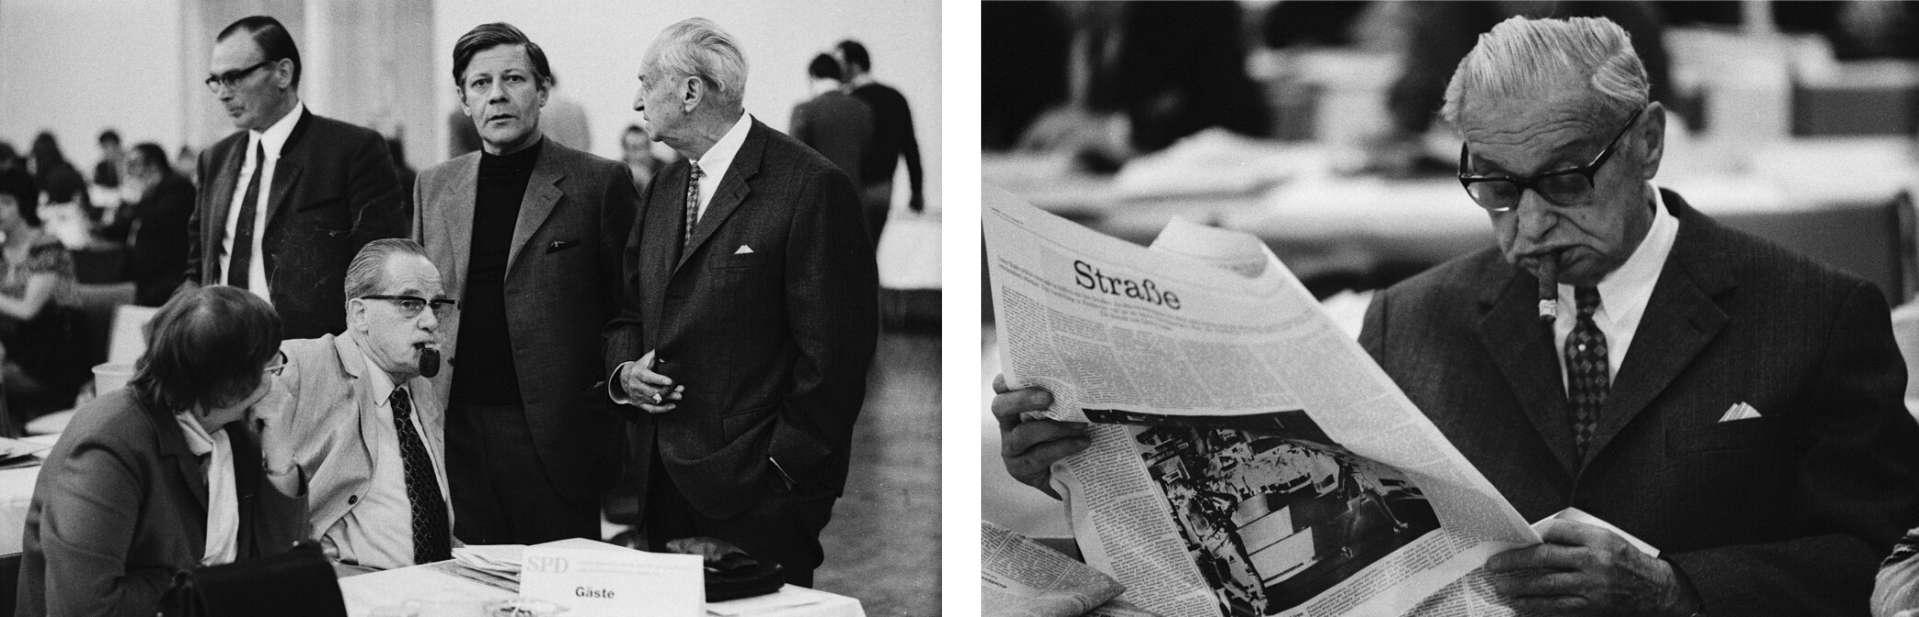 SPD-Spitze in den 70ern in Hamburg